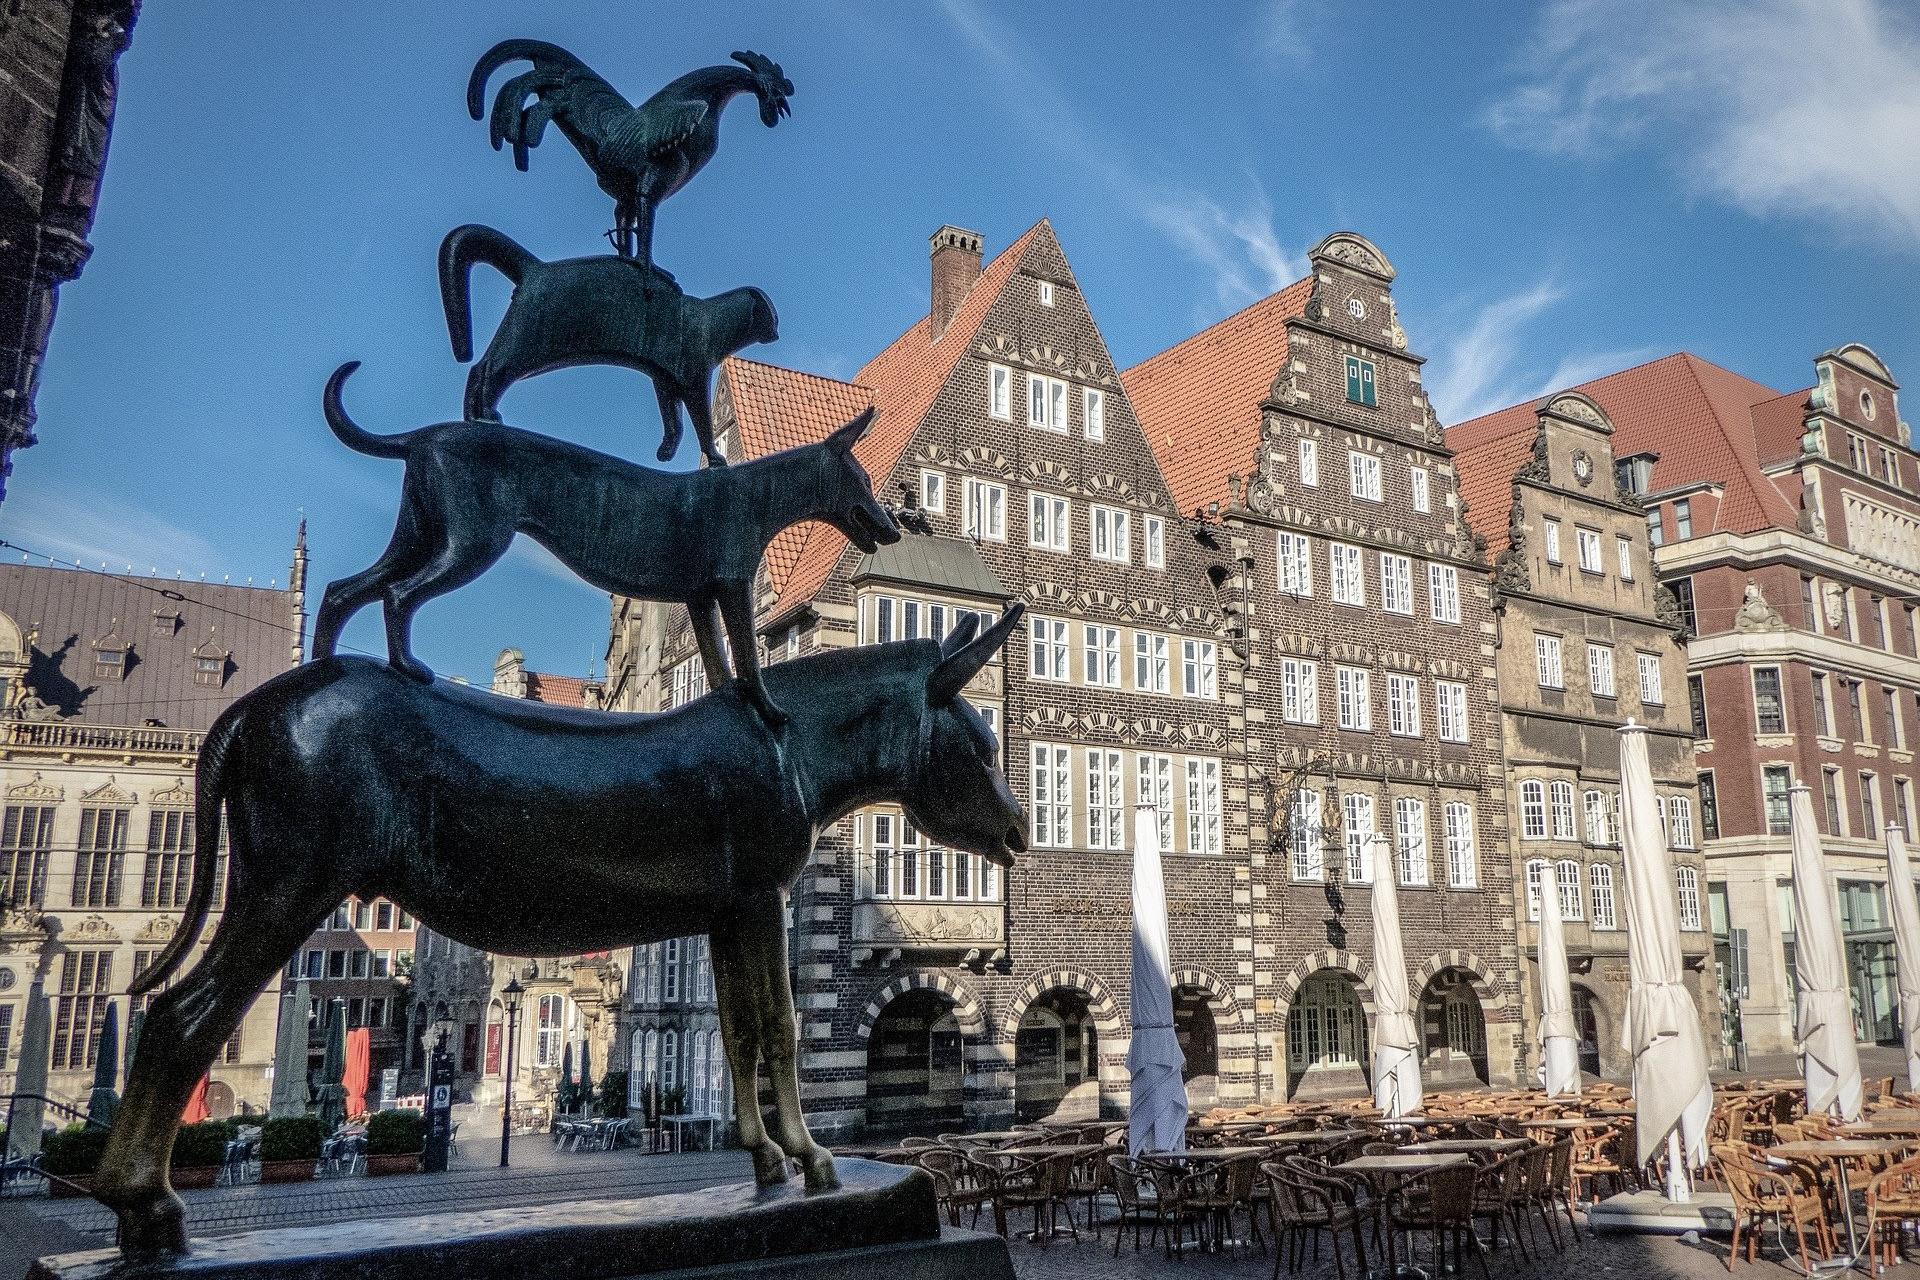 Die Bremer Stadtmusikanten sind eine der beliebtesten Sehenswürdigkeiten in Bremen